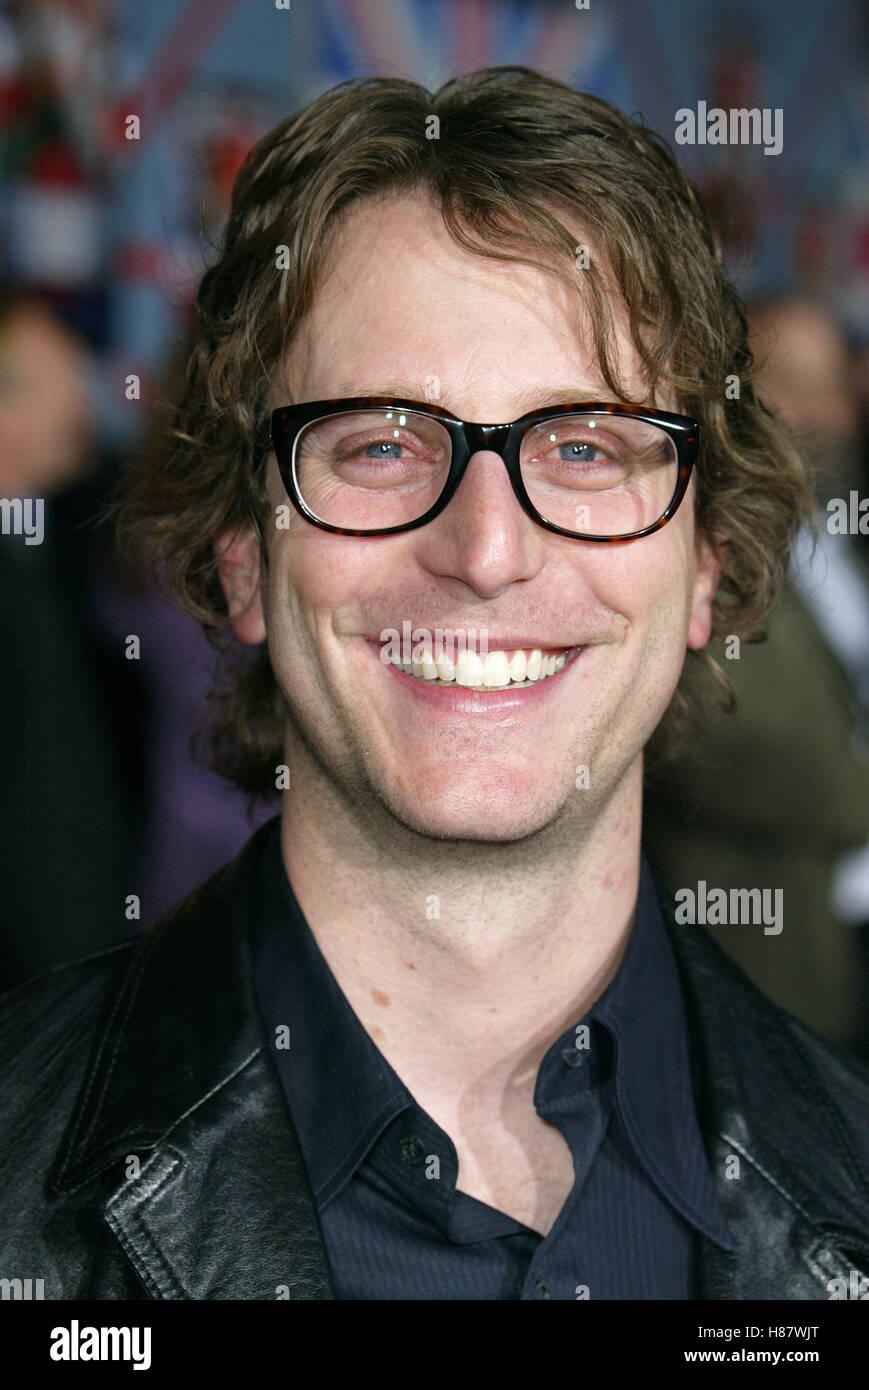 David Dobkin actor